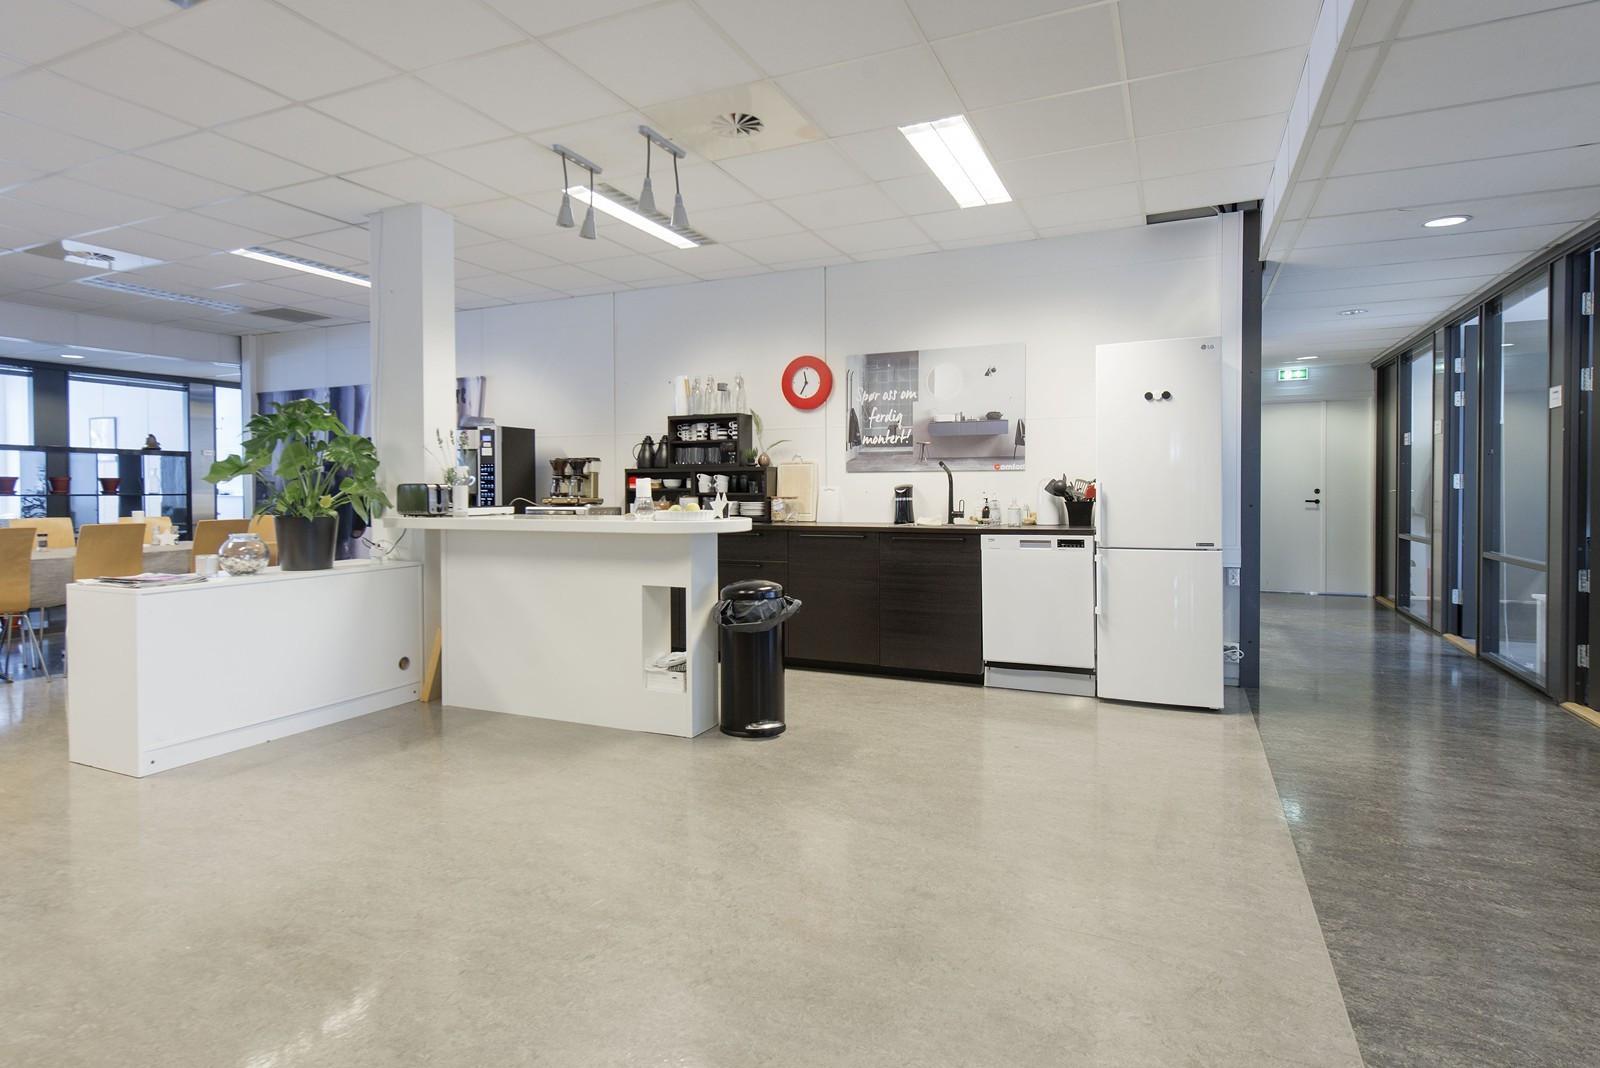 Fellesareal / kaffemaskiner / minikjøkken